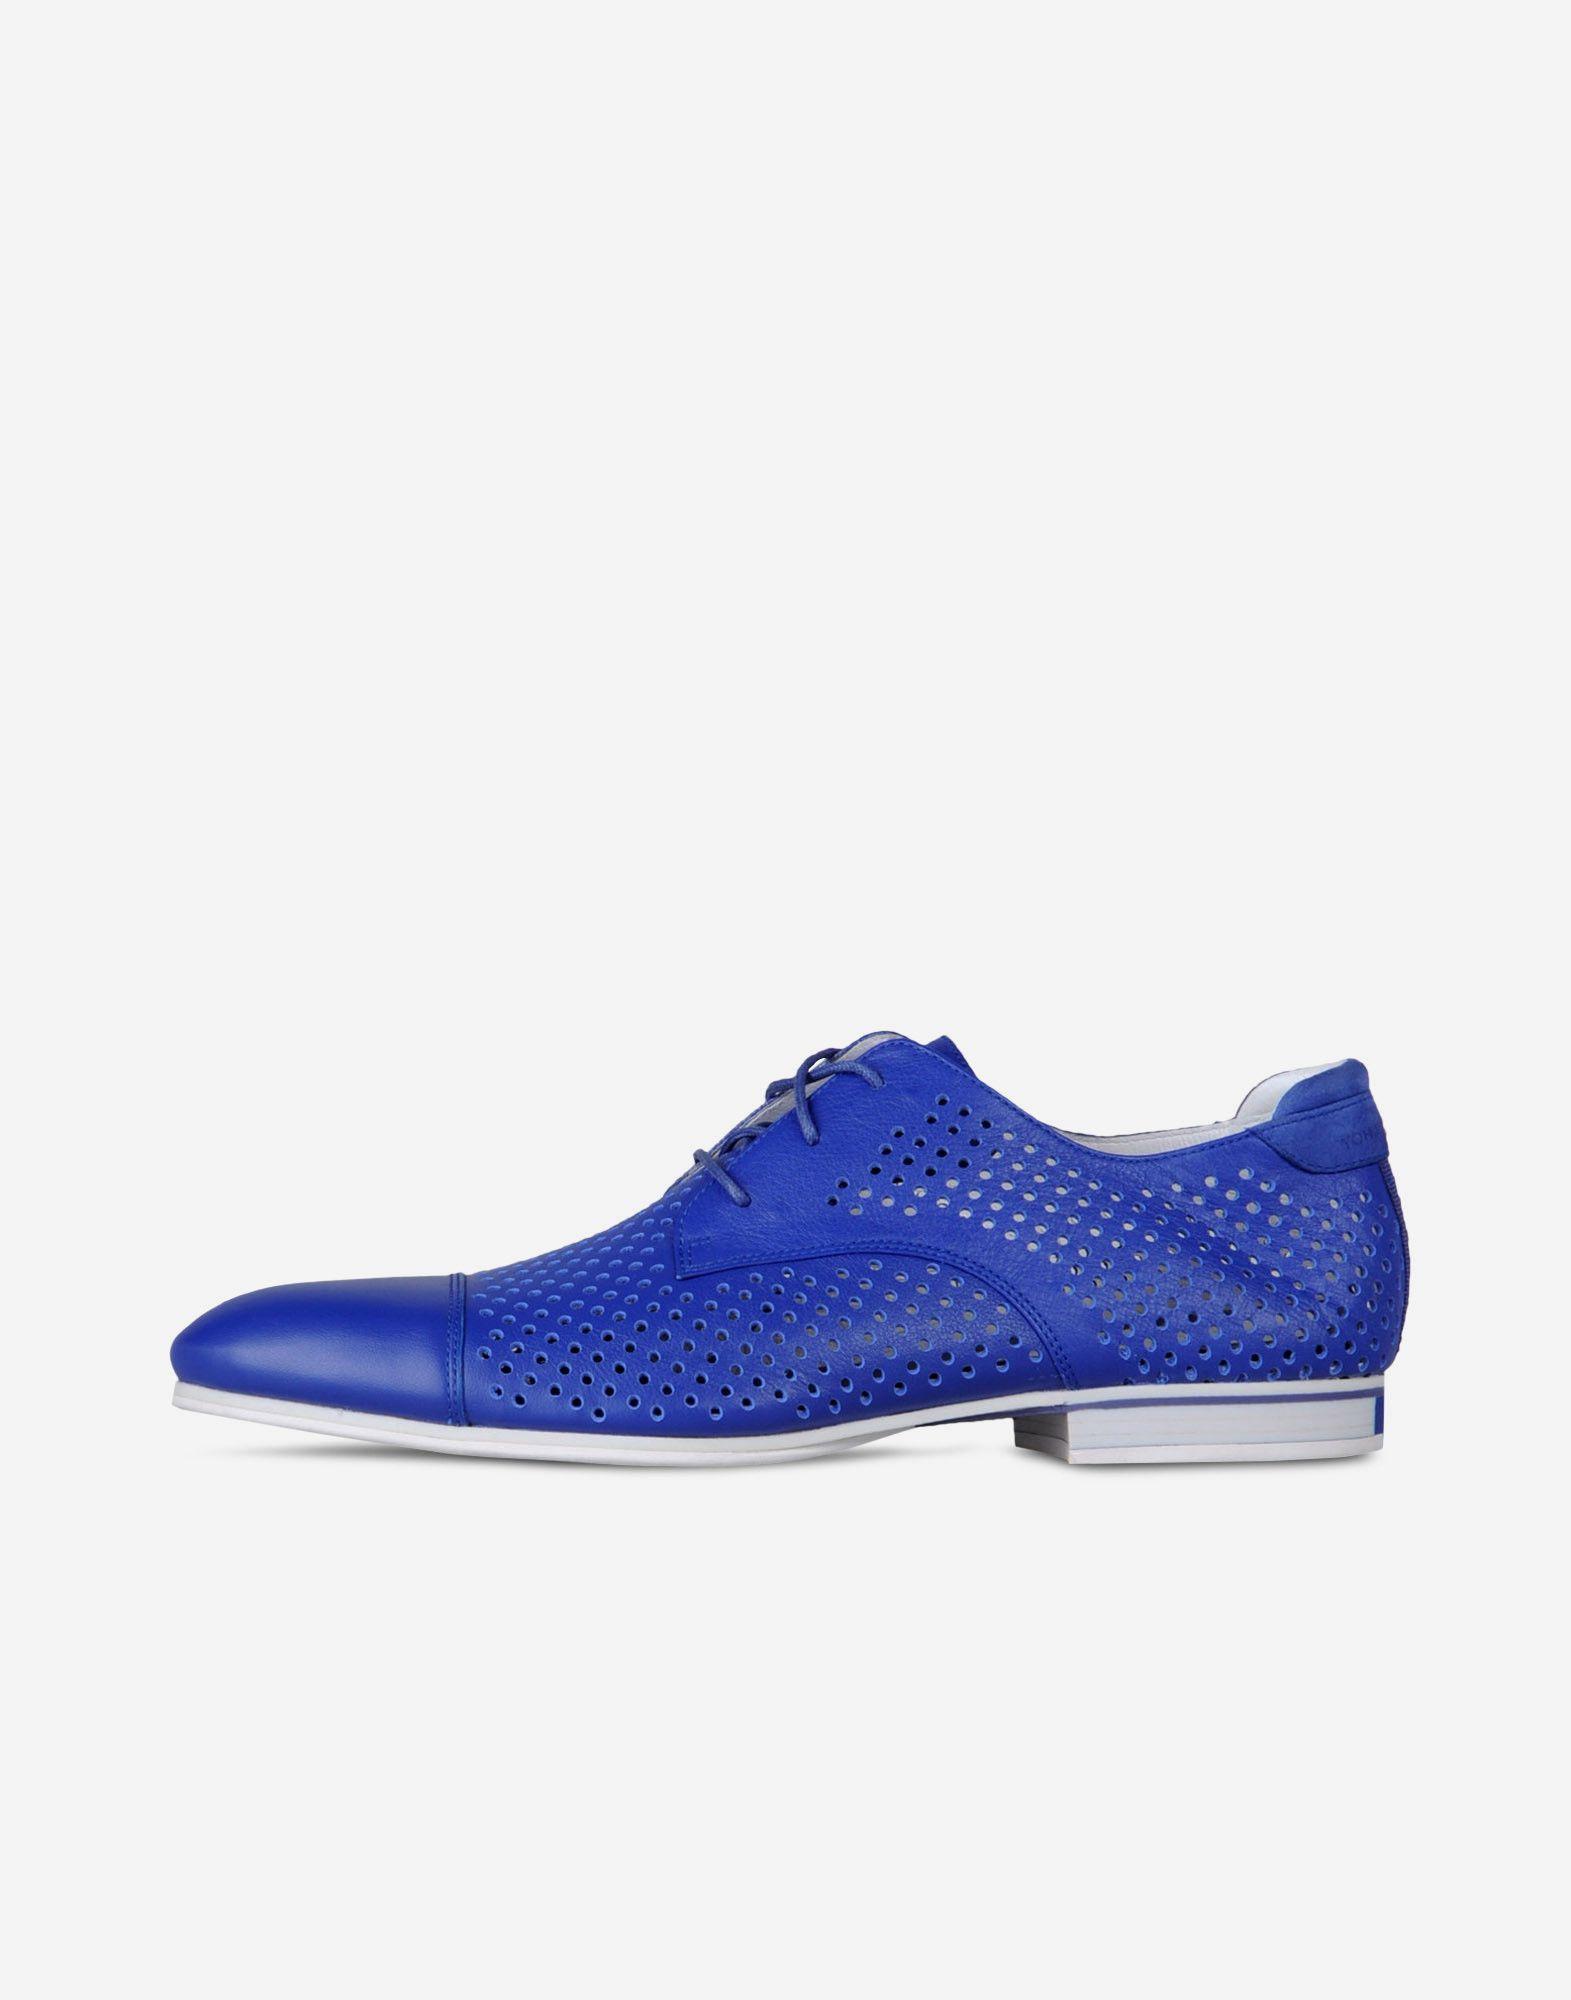 Dress shoes Men - Shoes Men on Y-3 Online Store